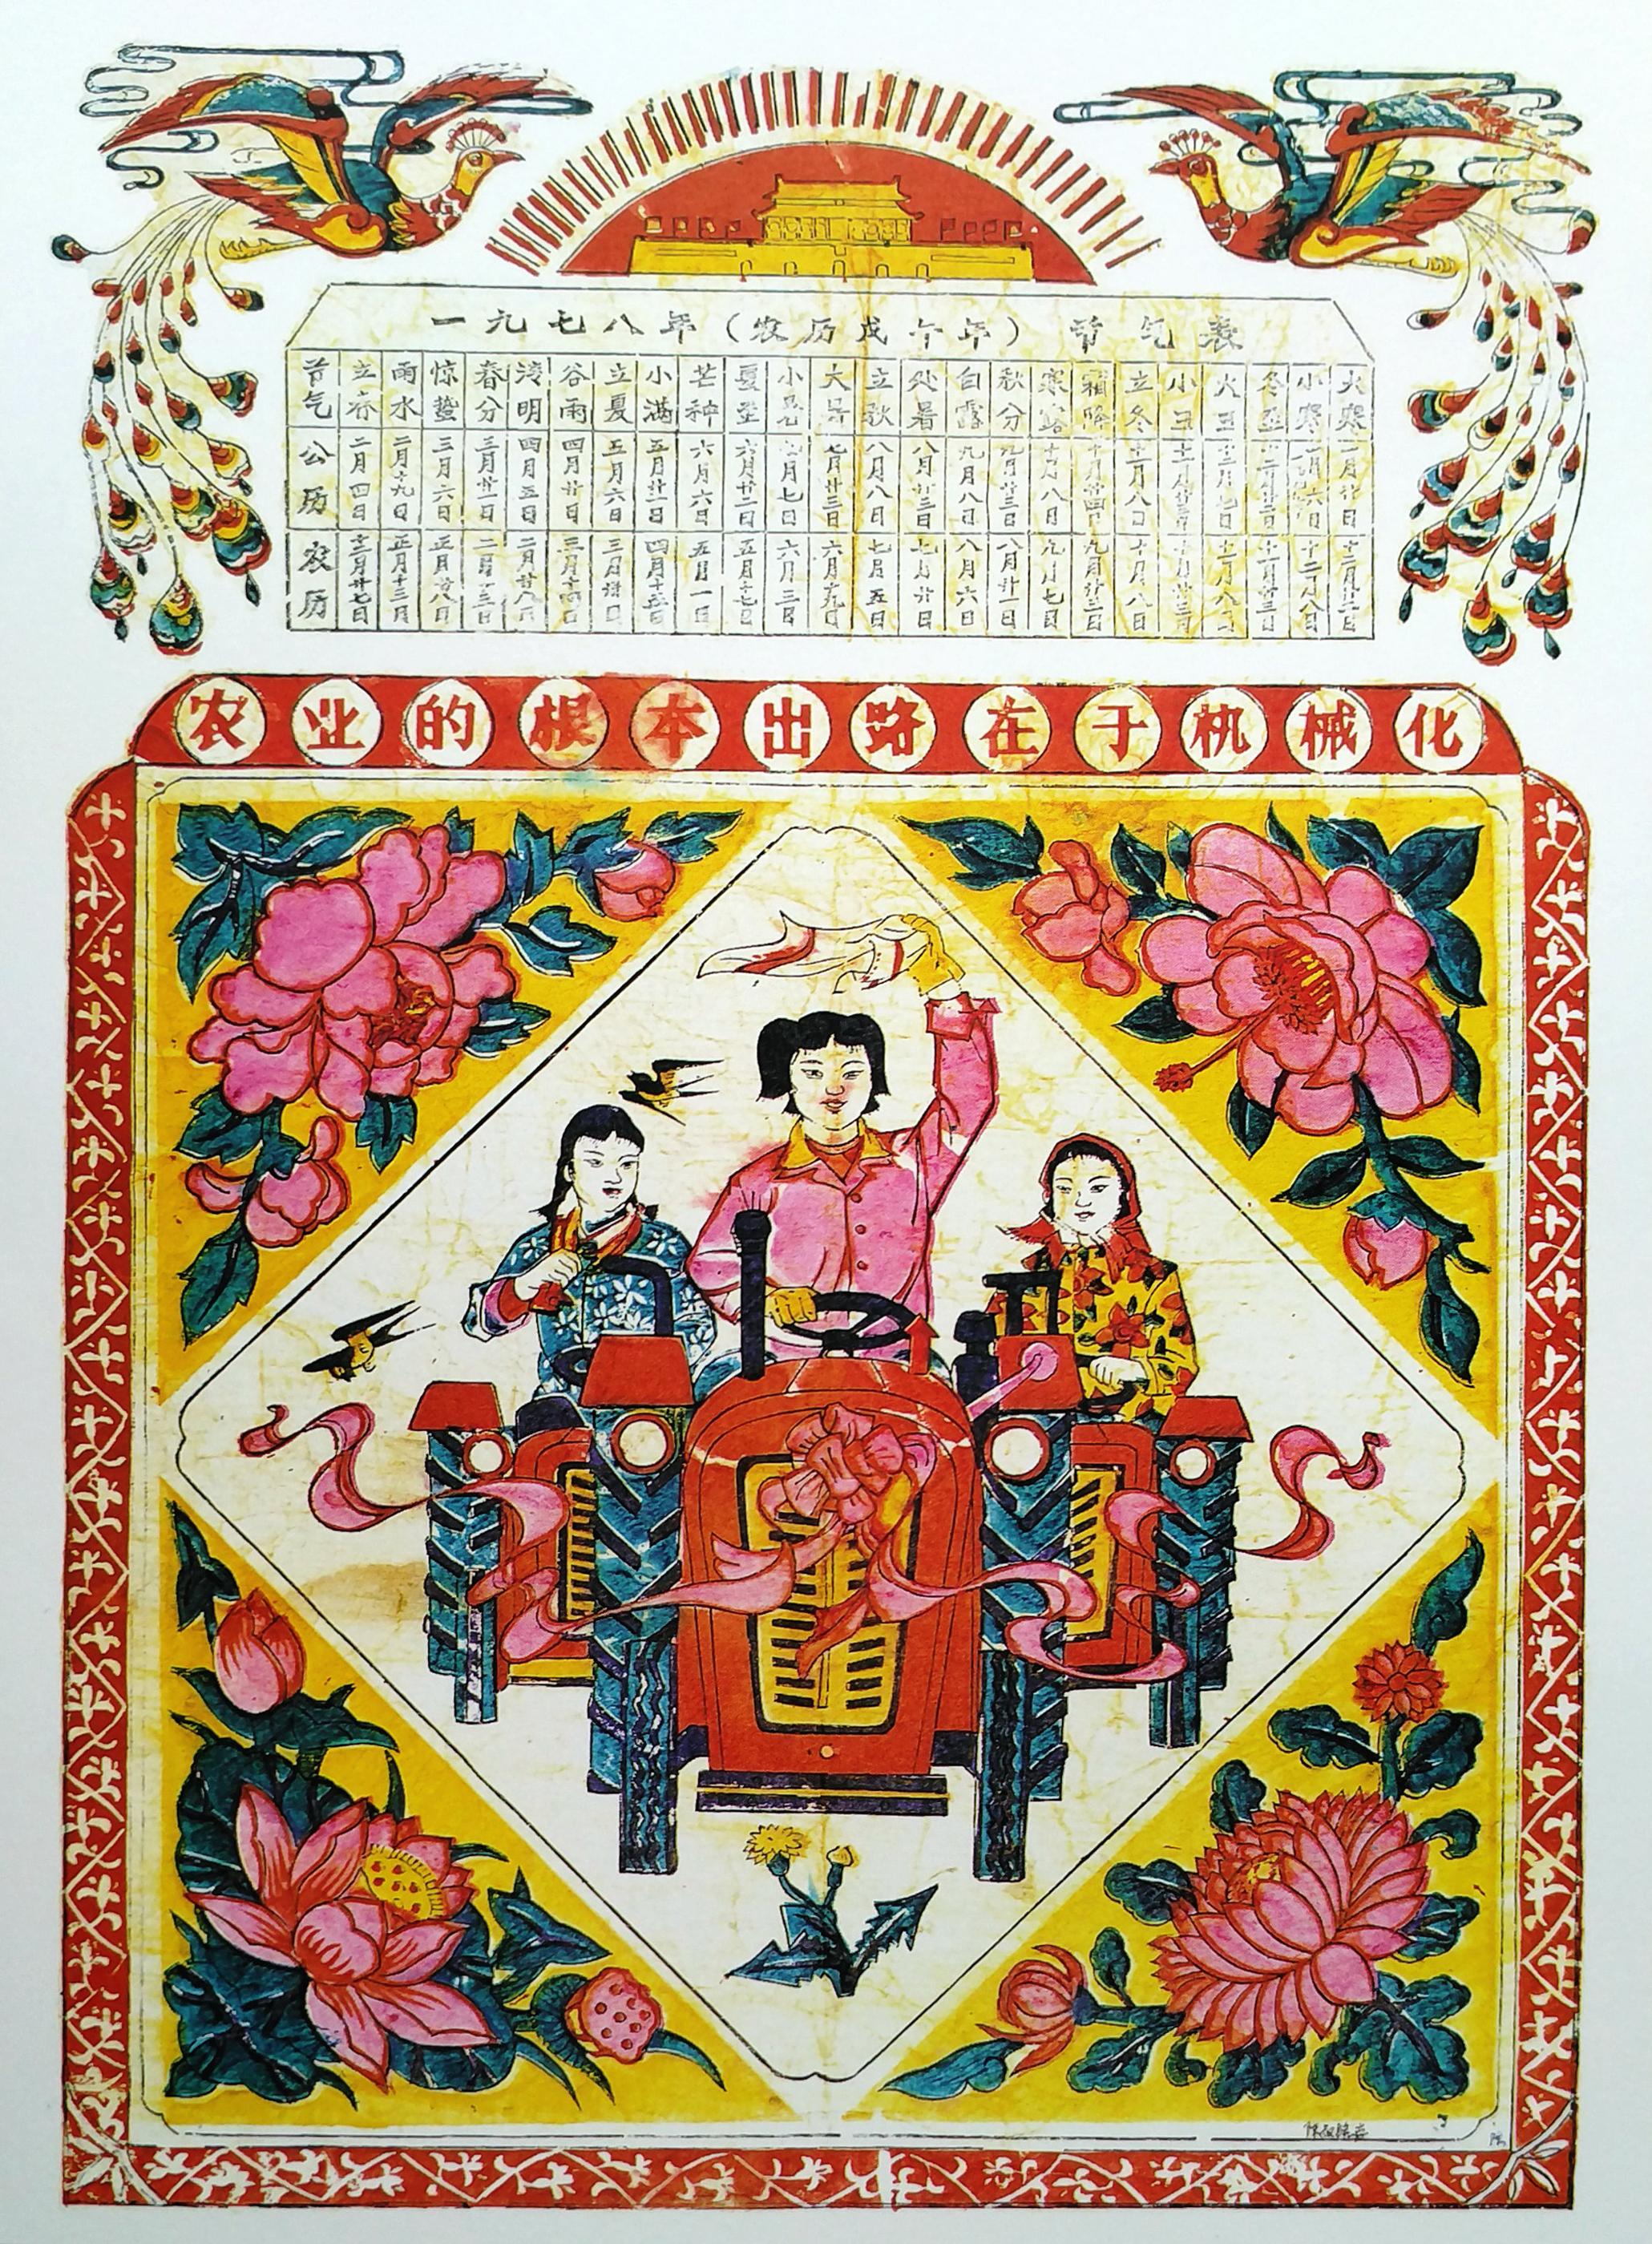 潍坊杨家埠传统年画欣赏,张张精品